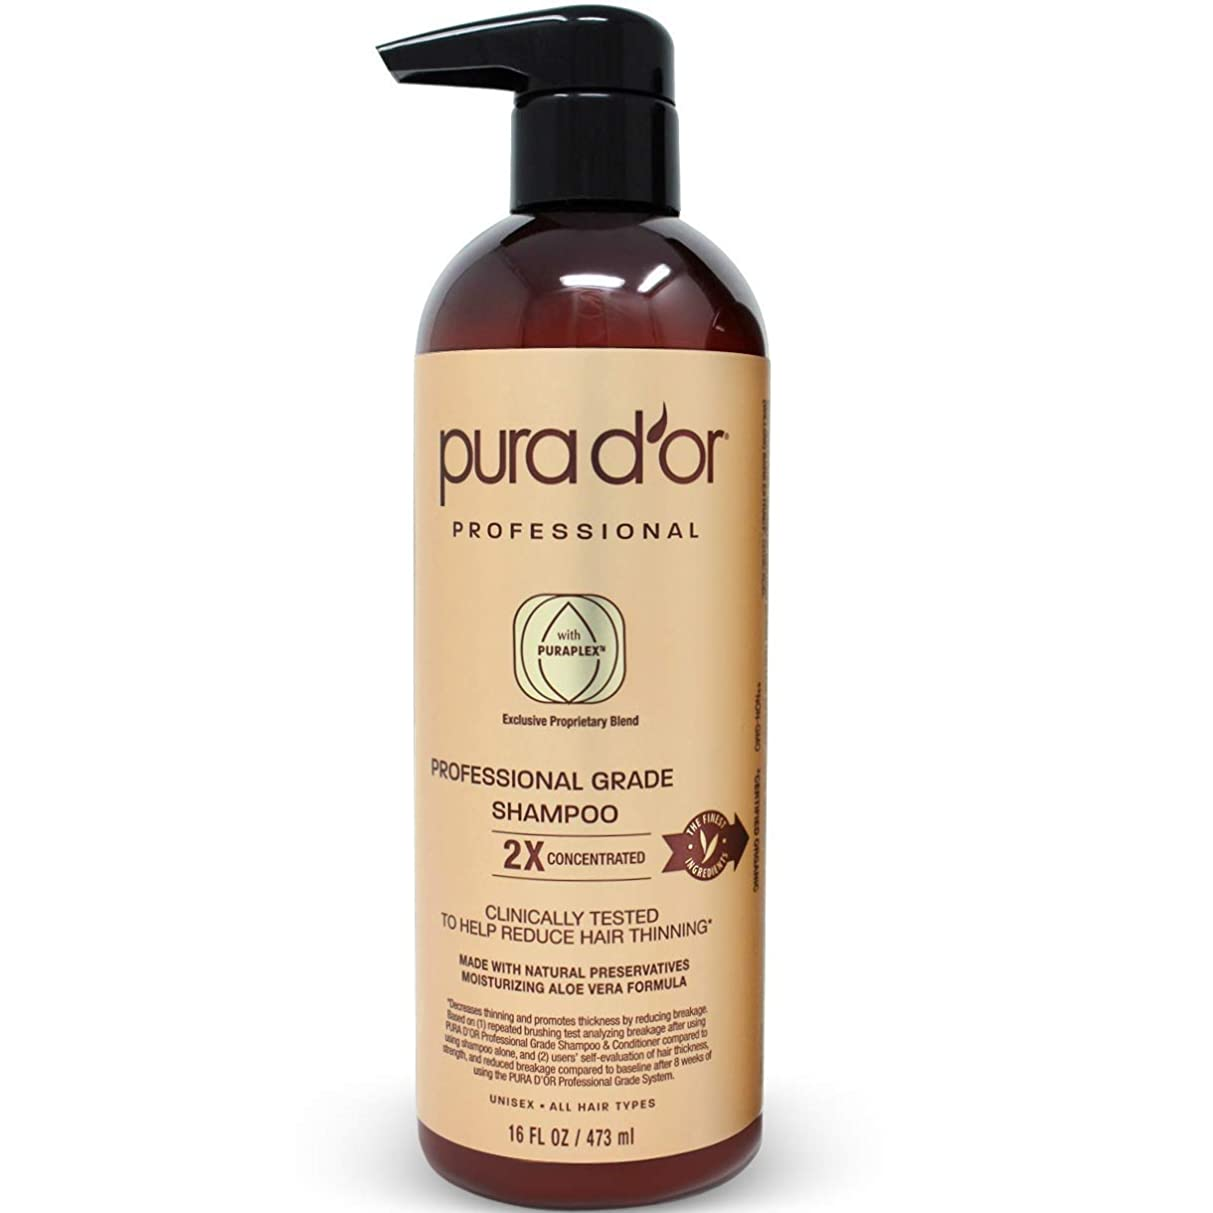 どれか羊飼い知人PURA D'OR プロフェッショナル品質 薄毛対策 2X 濃縮 有効成分 効果を高める 天然成分 臨床試験済み、硫酸塩フリー、男性 & 女性、473 ml(16 液量オンス) シャンプー